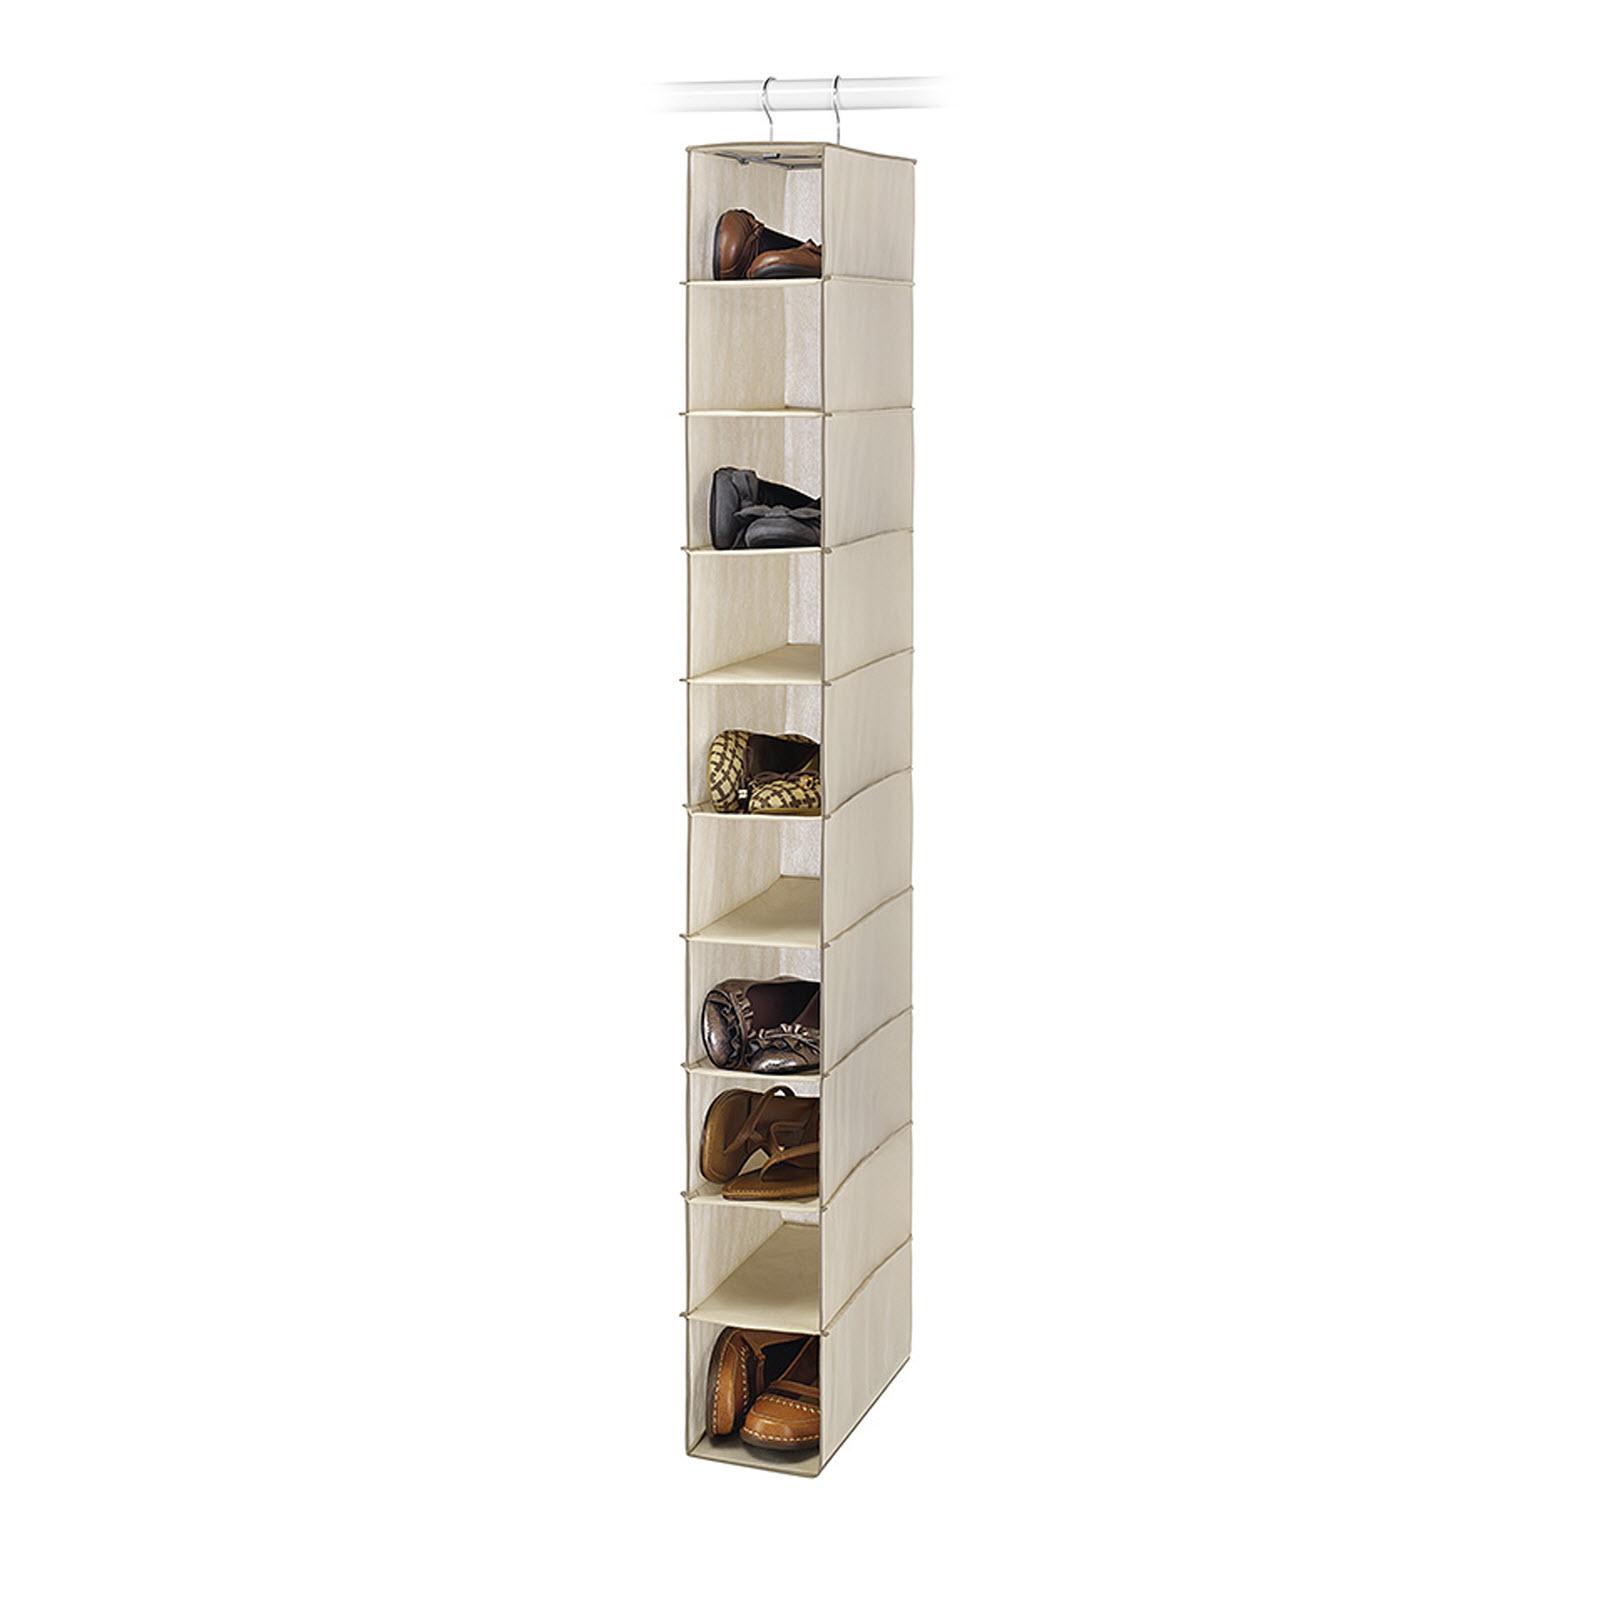 Essential Home 10 Shelf Tan Hanging Closet Shoe Organizer